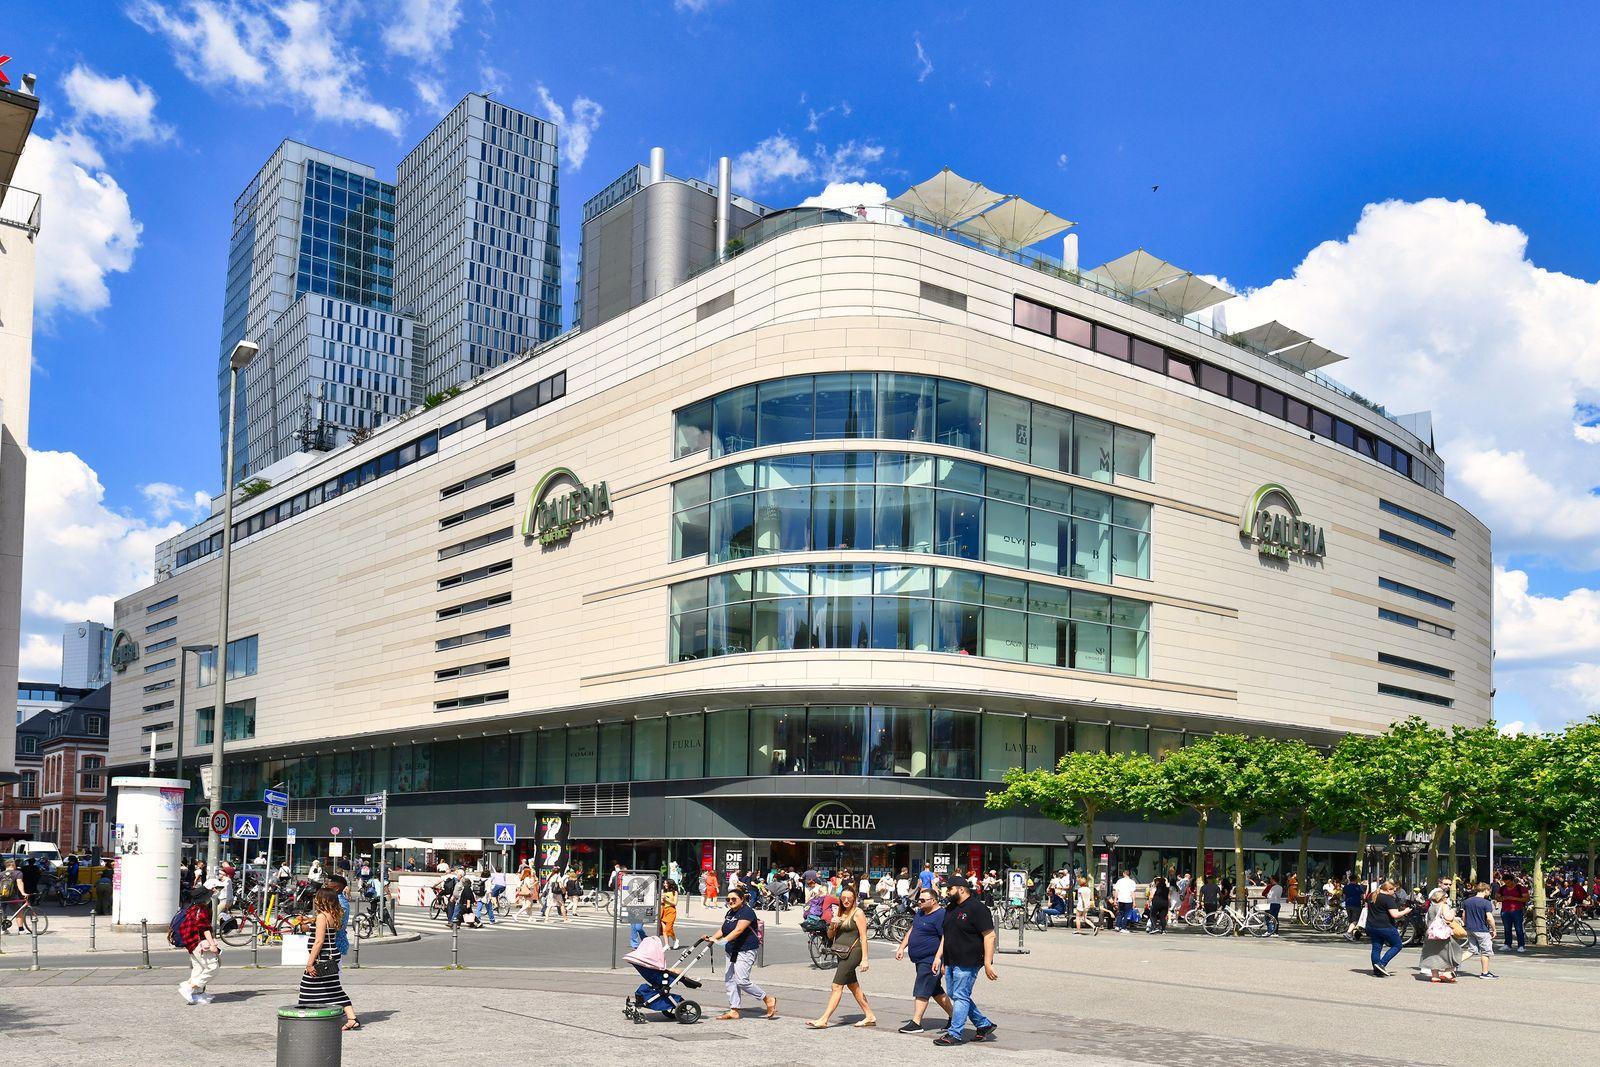 'Galeria Kaufhof' Einkaufszentrum an der Hauptwache in Frankfurt, Deutschland